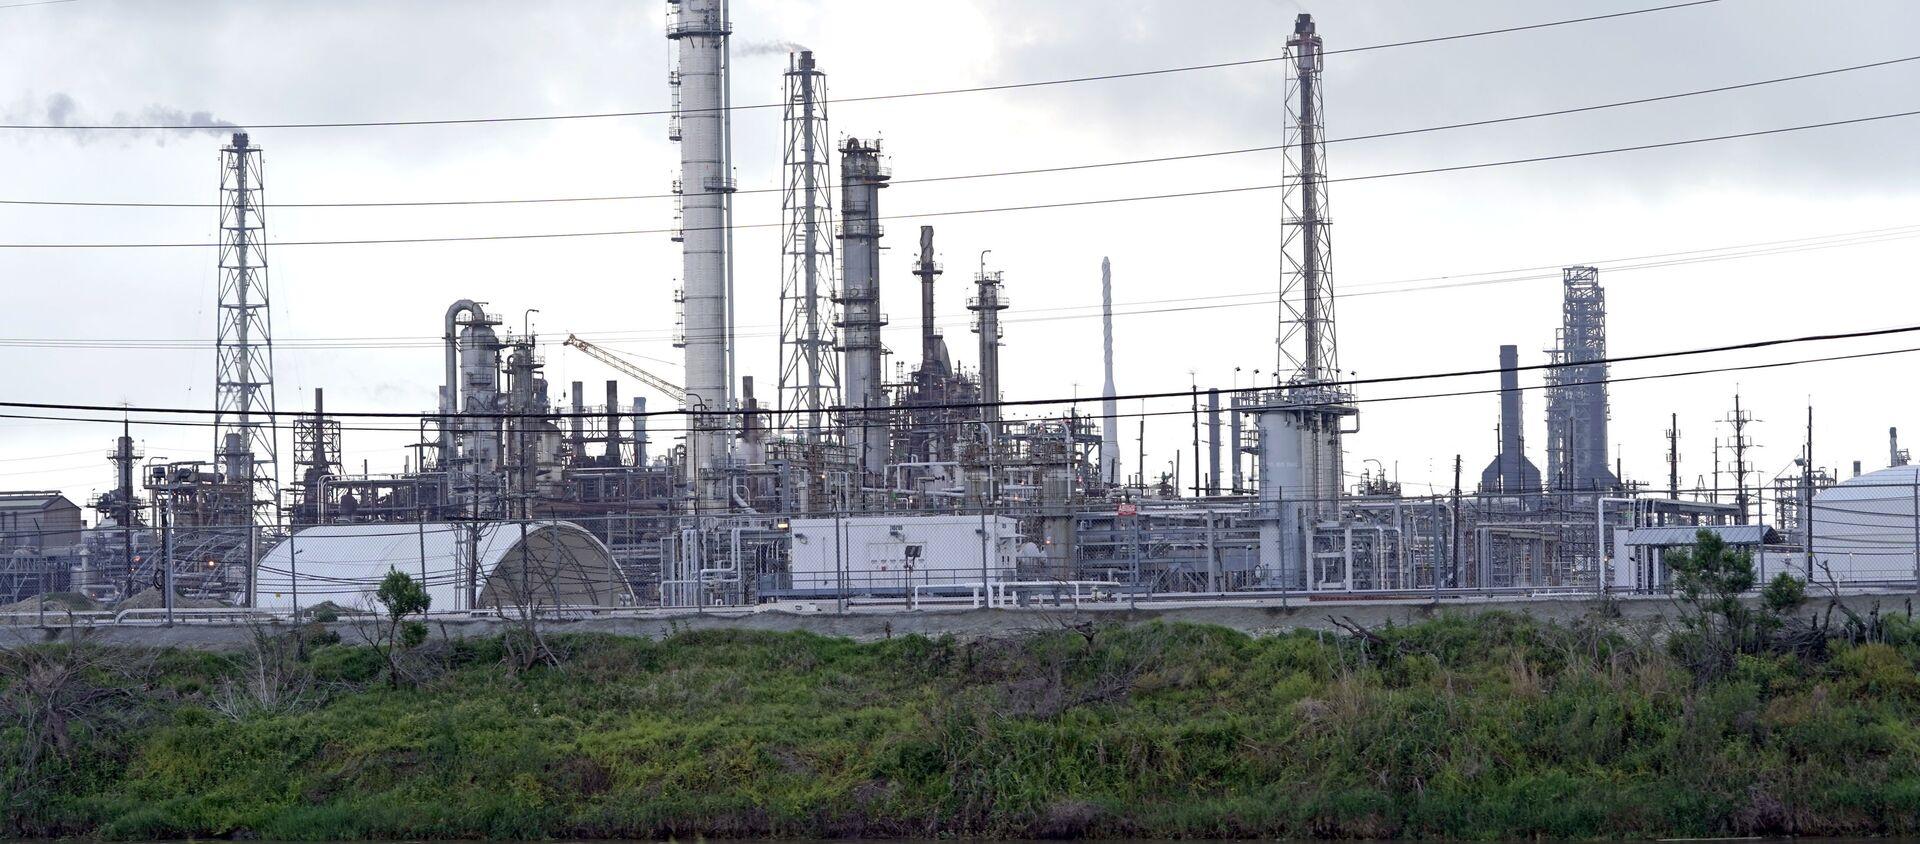 Rafinerija nafte Motiva u Port Arturu u američkoj državi Teksas - Sputnik Srbija, 1920, 05.01.2021